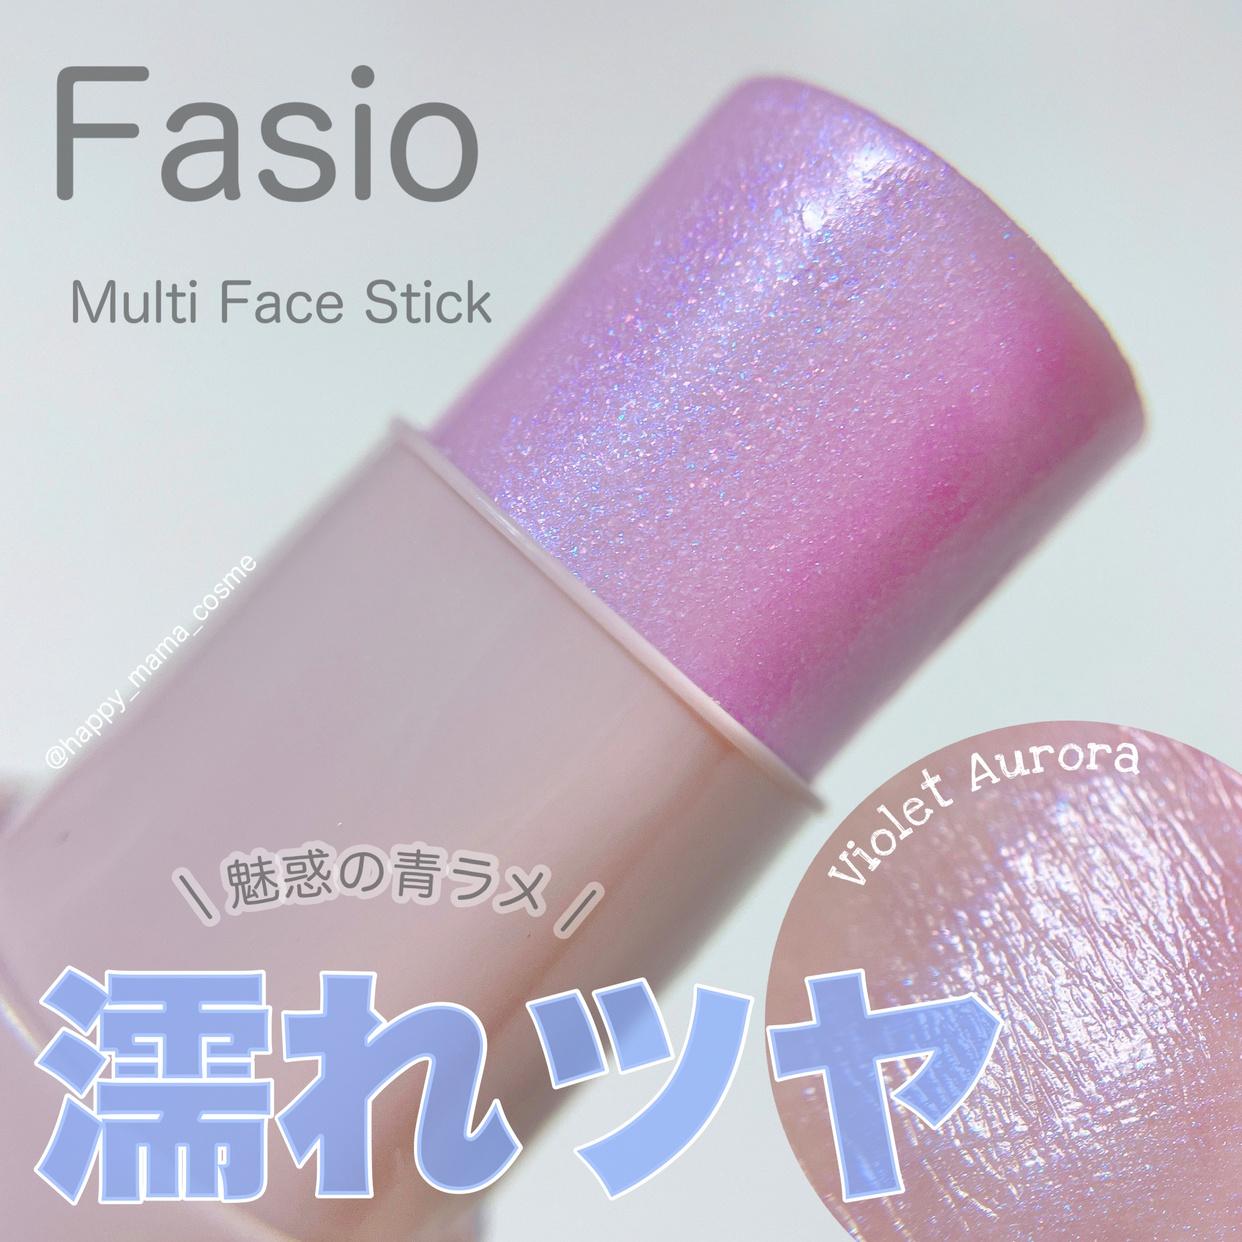 FASIO(ファシオ) マルチ フェイス スティックを使ったSachiさんのクチコミ画像1